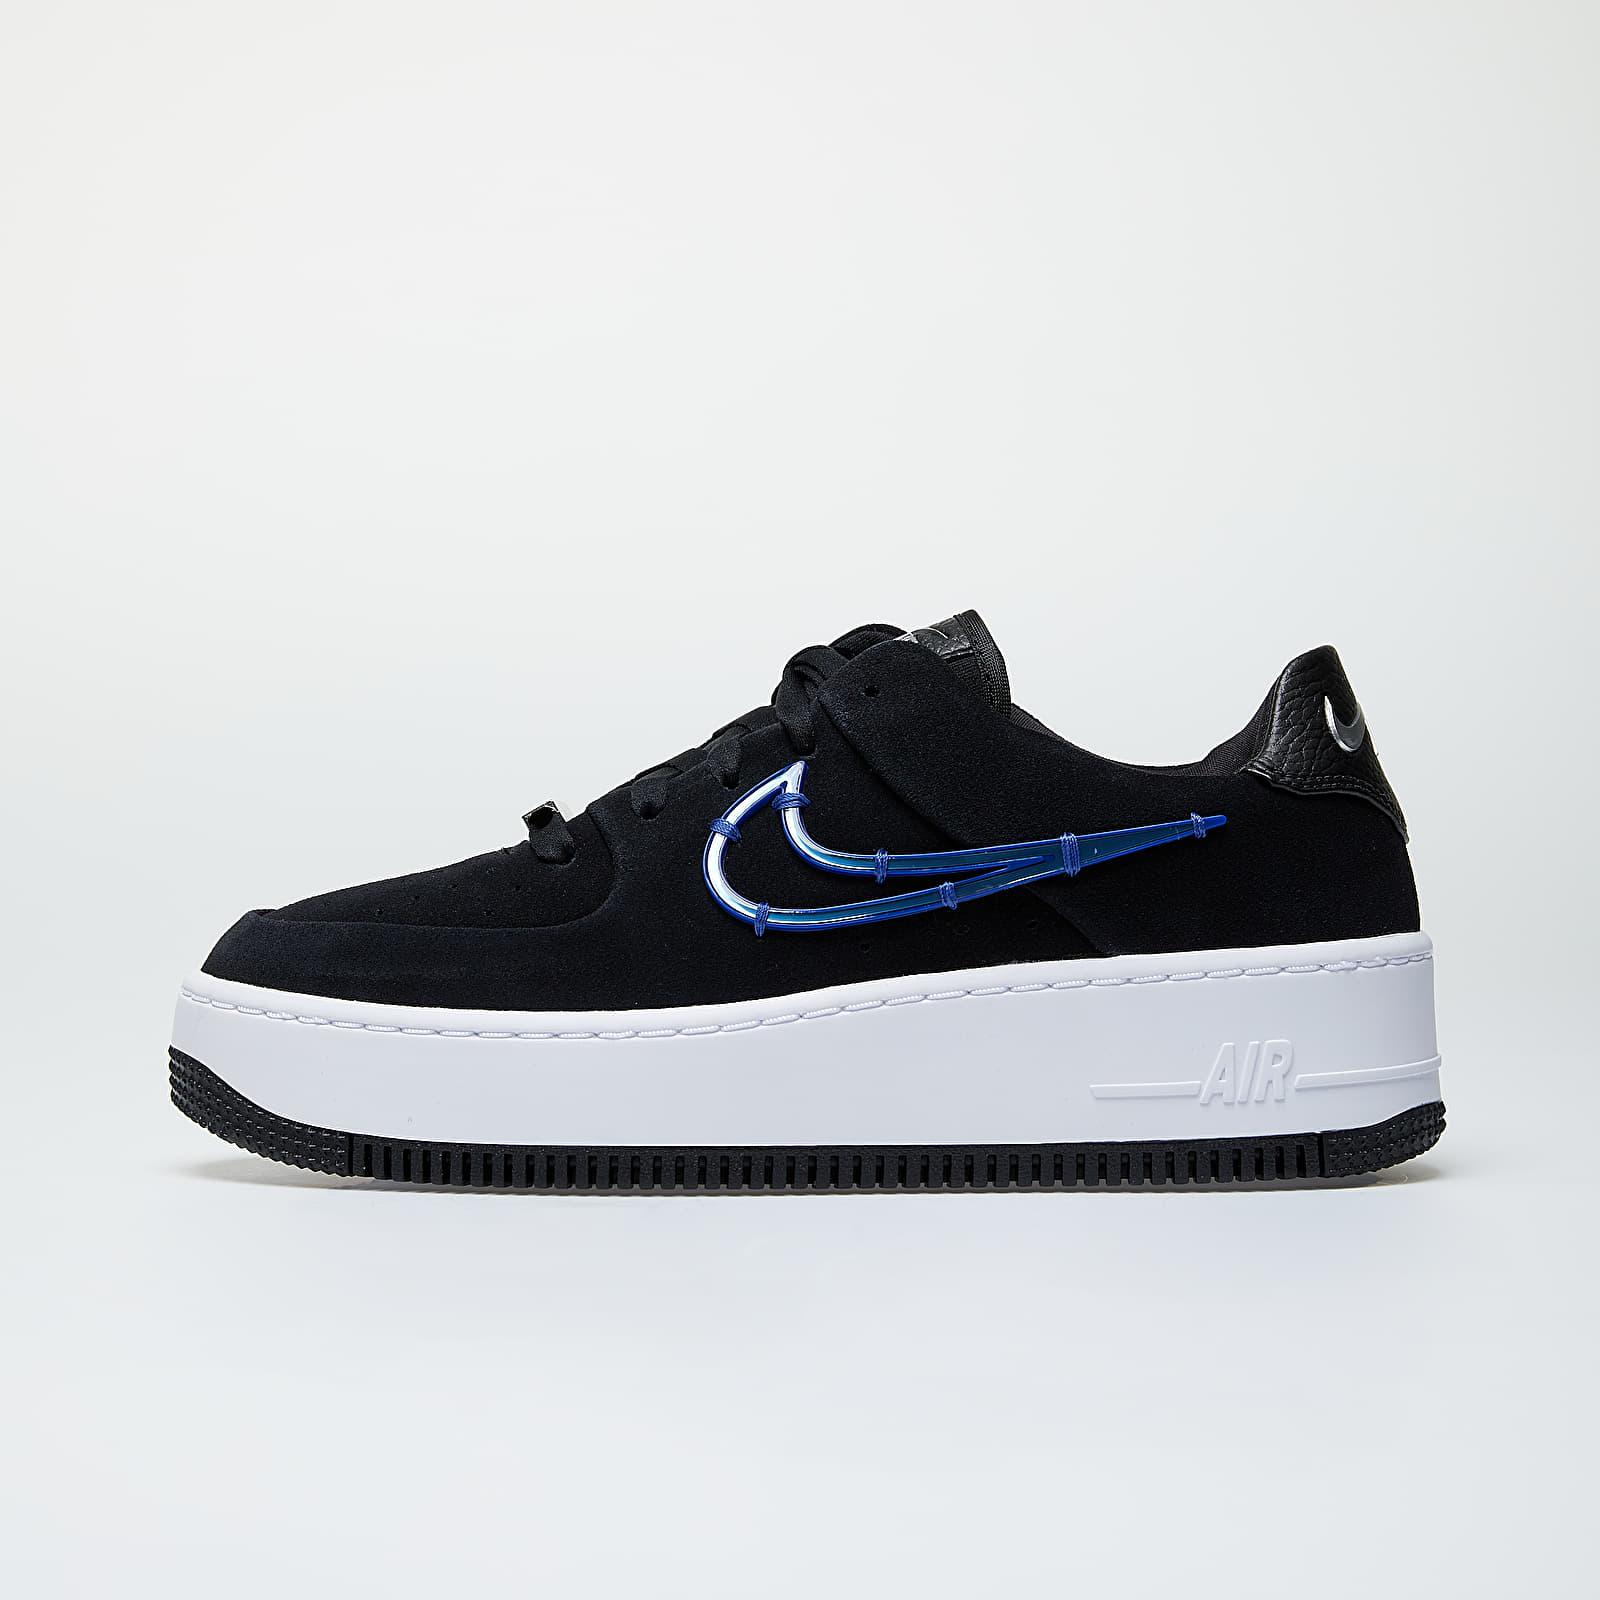 Women's shoes Nike W Air Force 1 Sage Low LX Black/ Deep Royal Blue-Metallic Silver